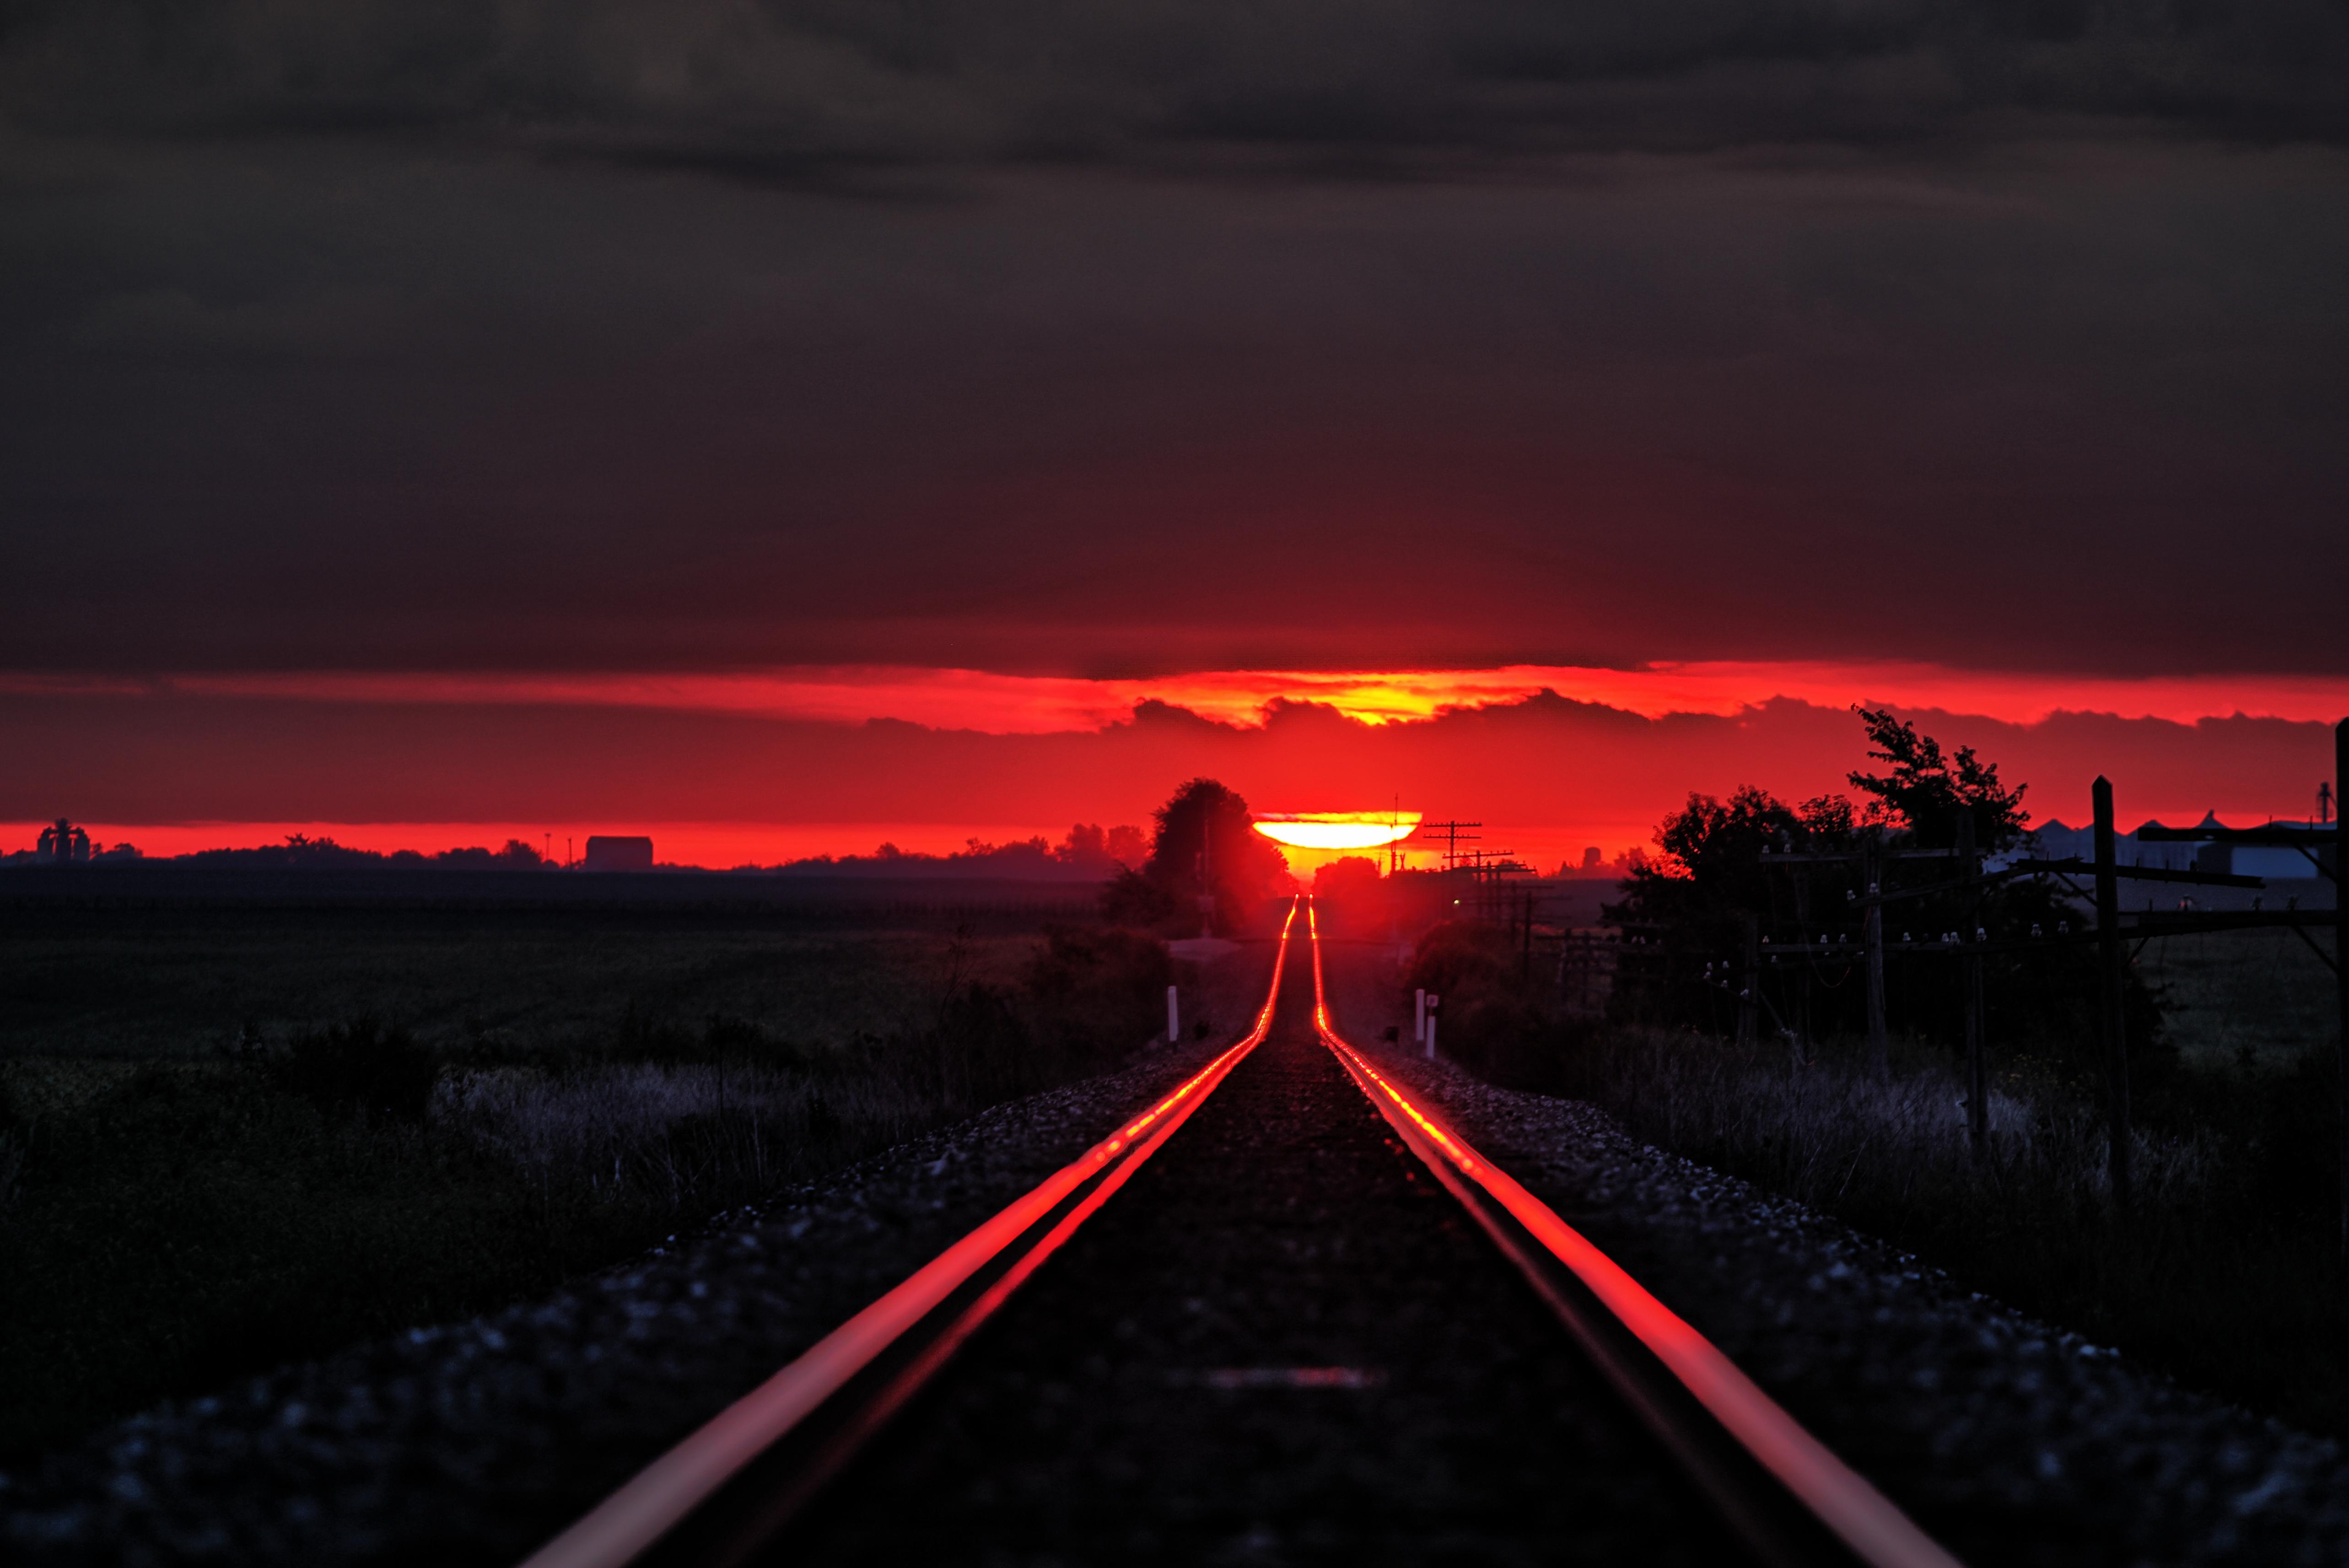 Illinois vermilion county muncie - County Sunrise Illinois Rails Hdr Vermilion